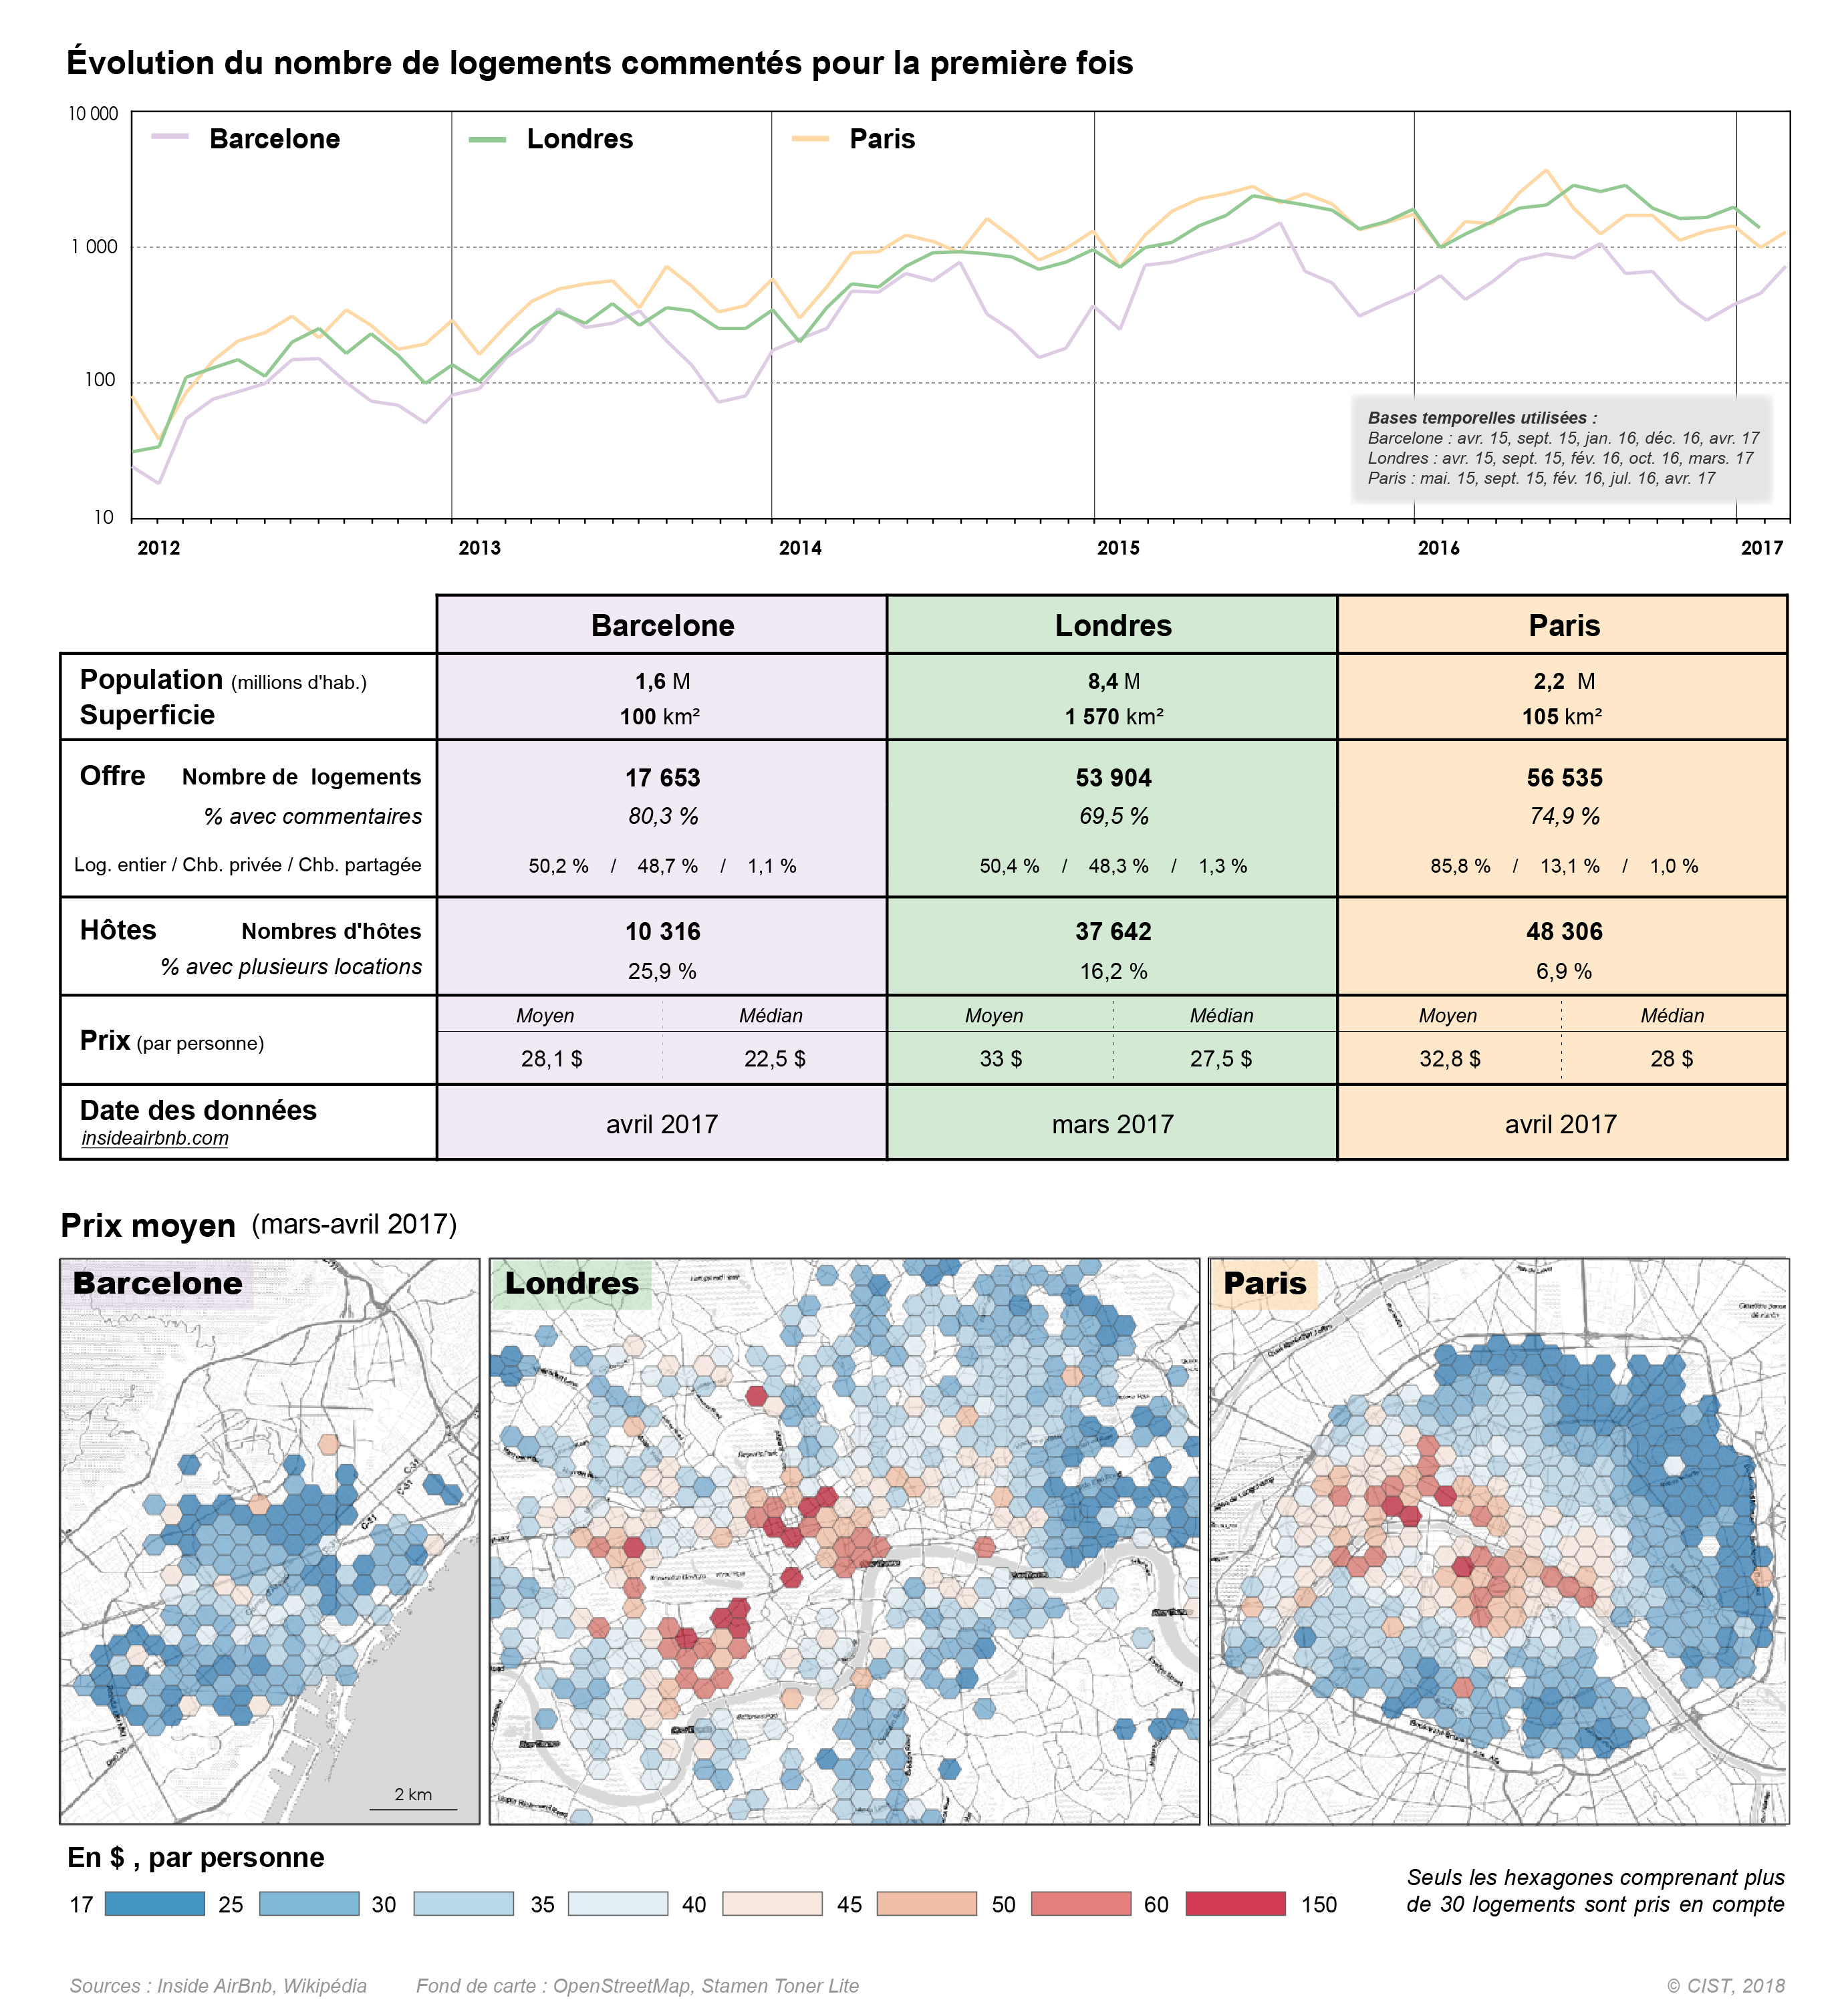 Figure 5. Les données issues du web et l'analyse intra-urbaine: l'exemple des locations Airbnb